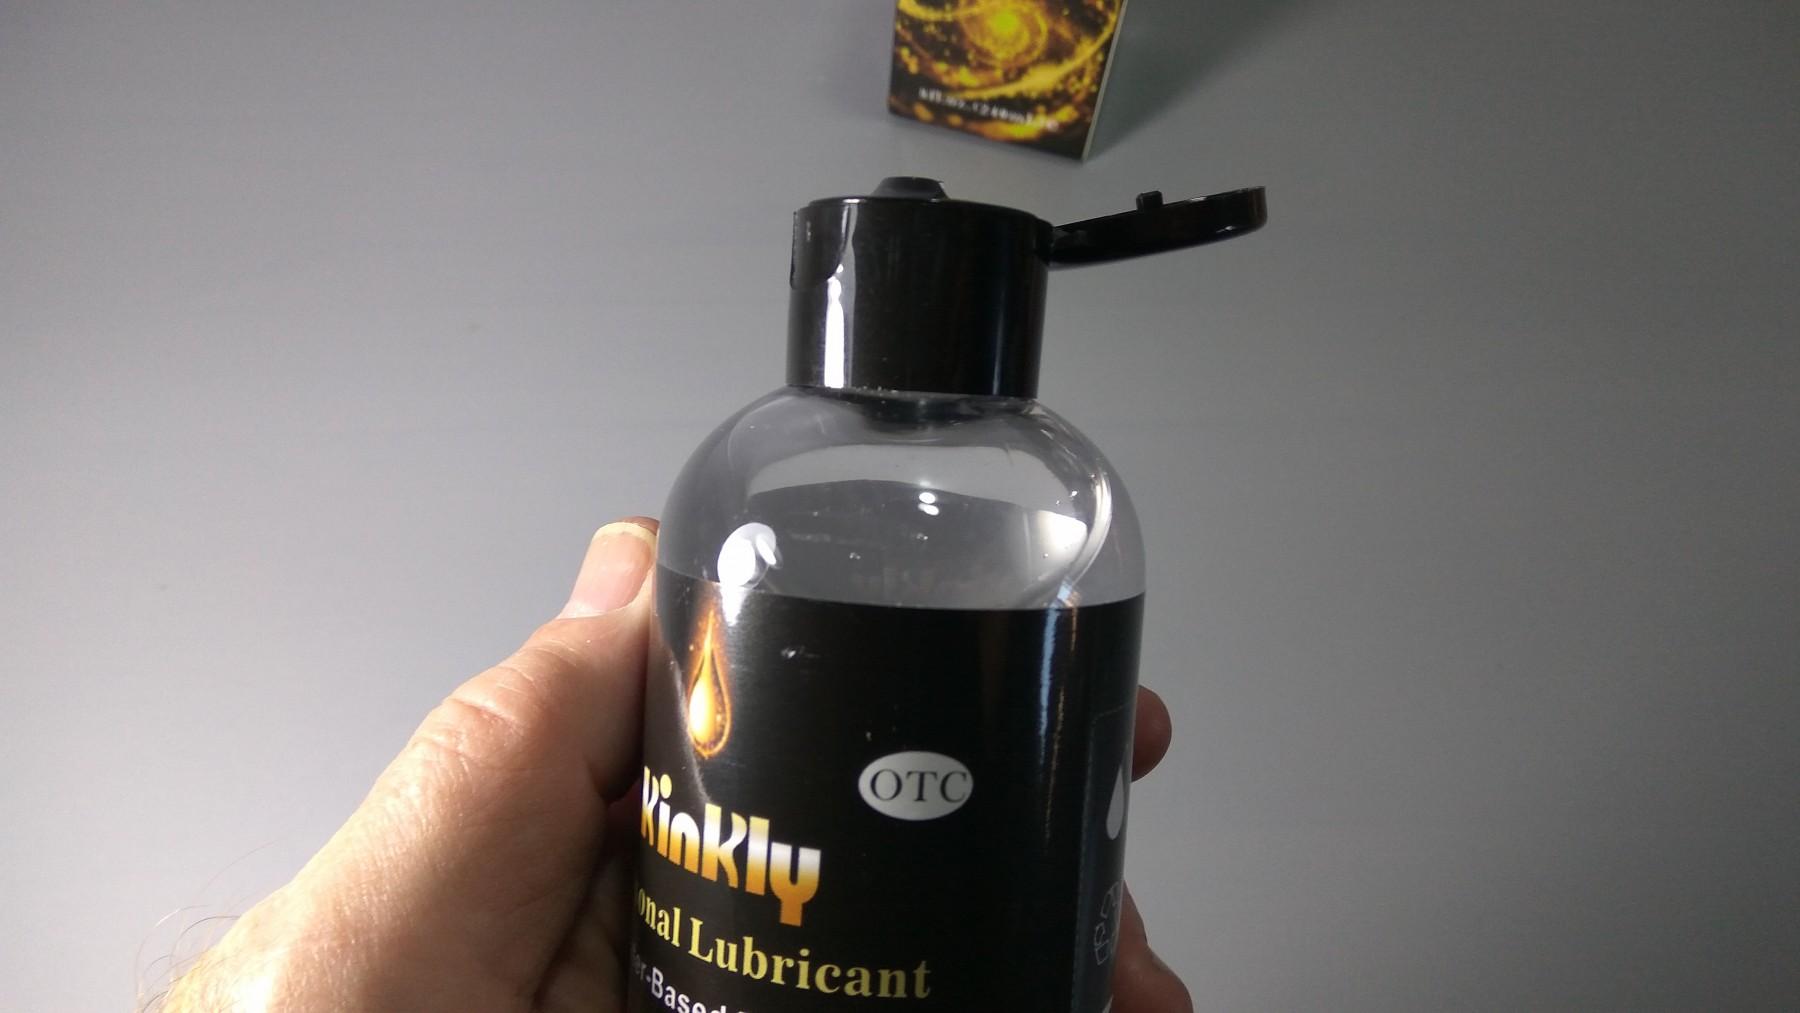 Estupendo, cumple a la perfección su función, que es lubricar